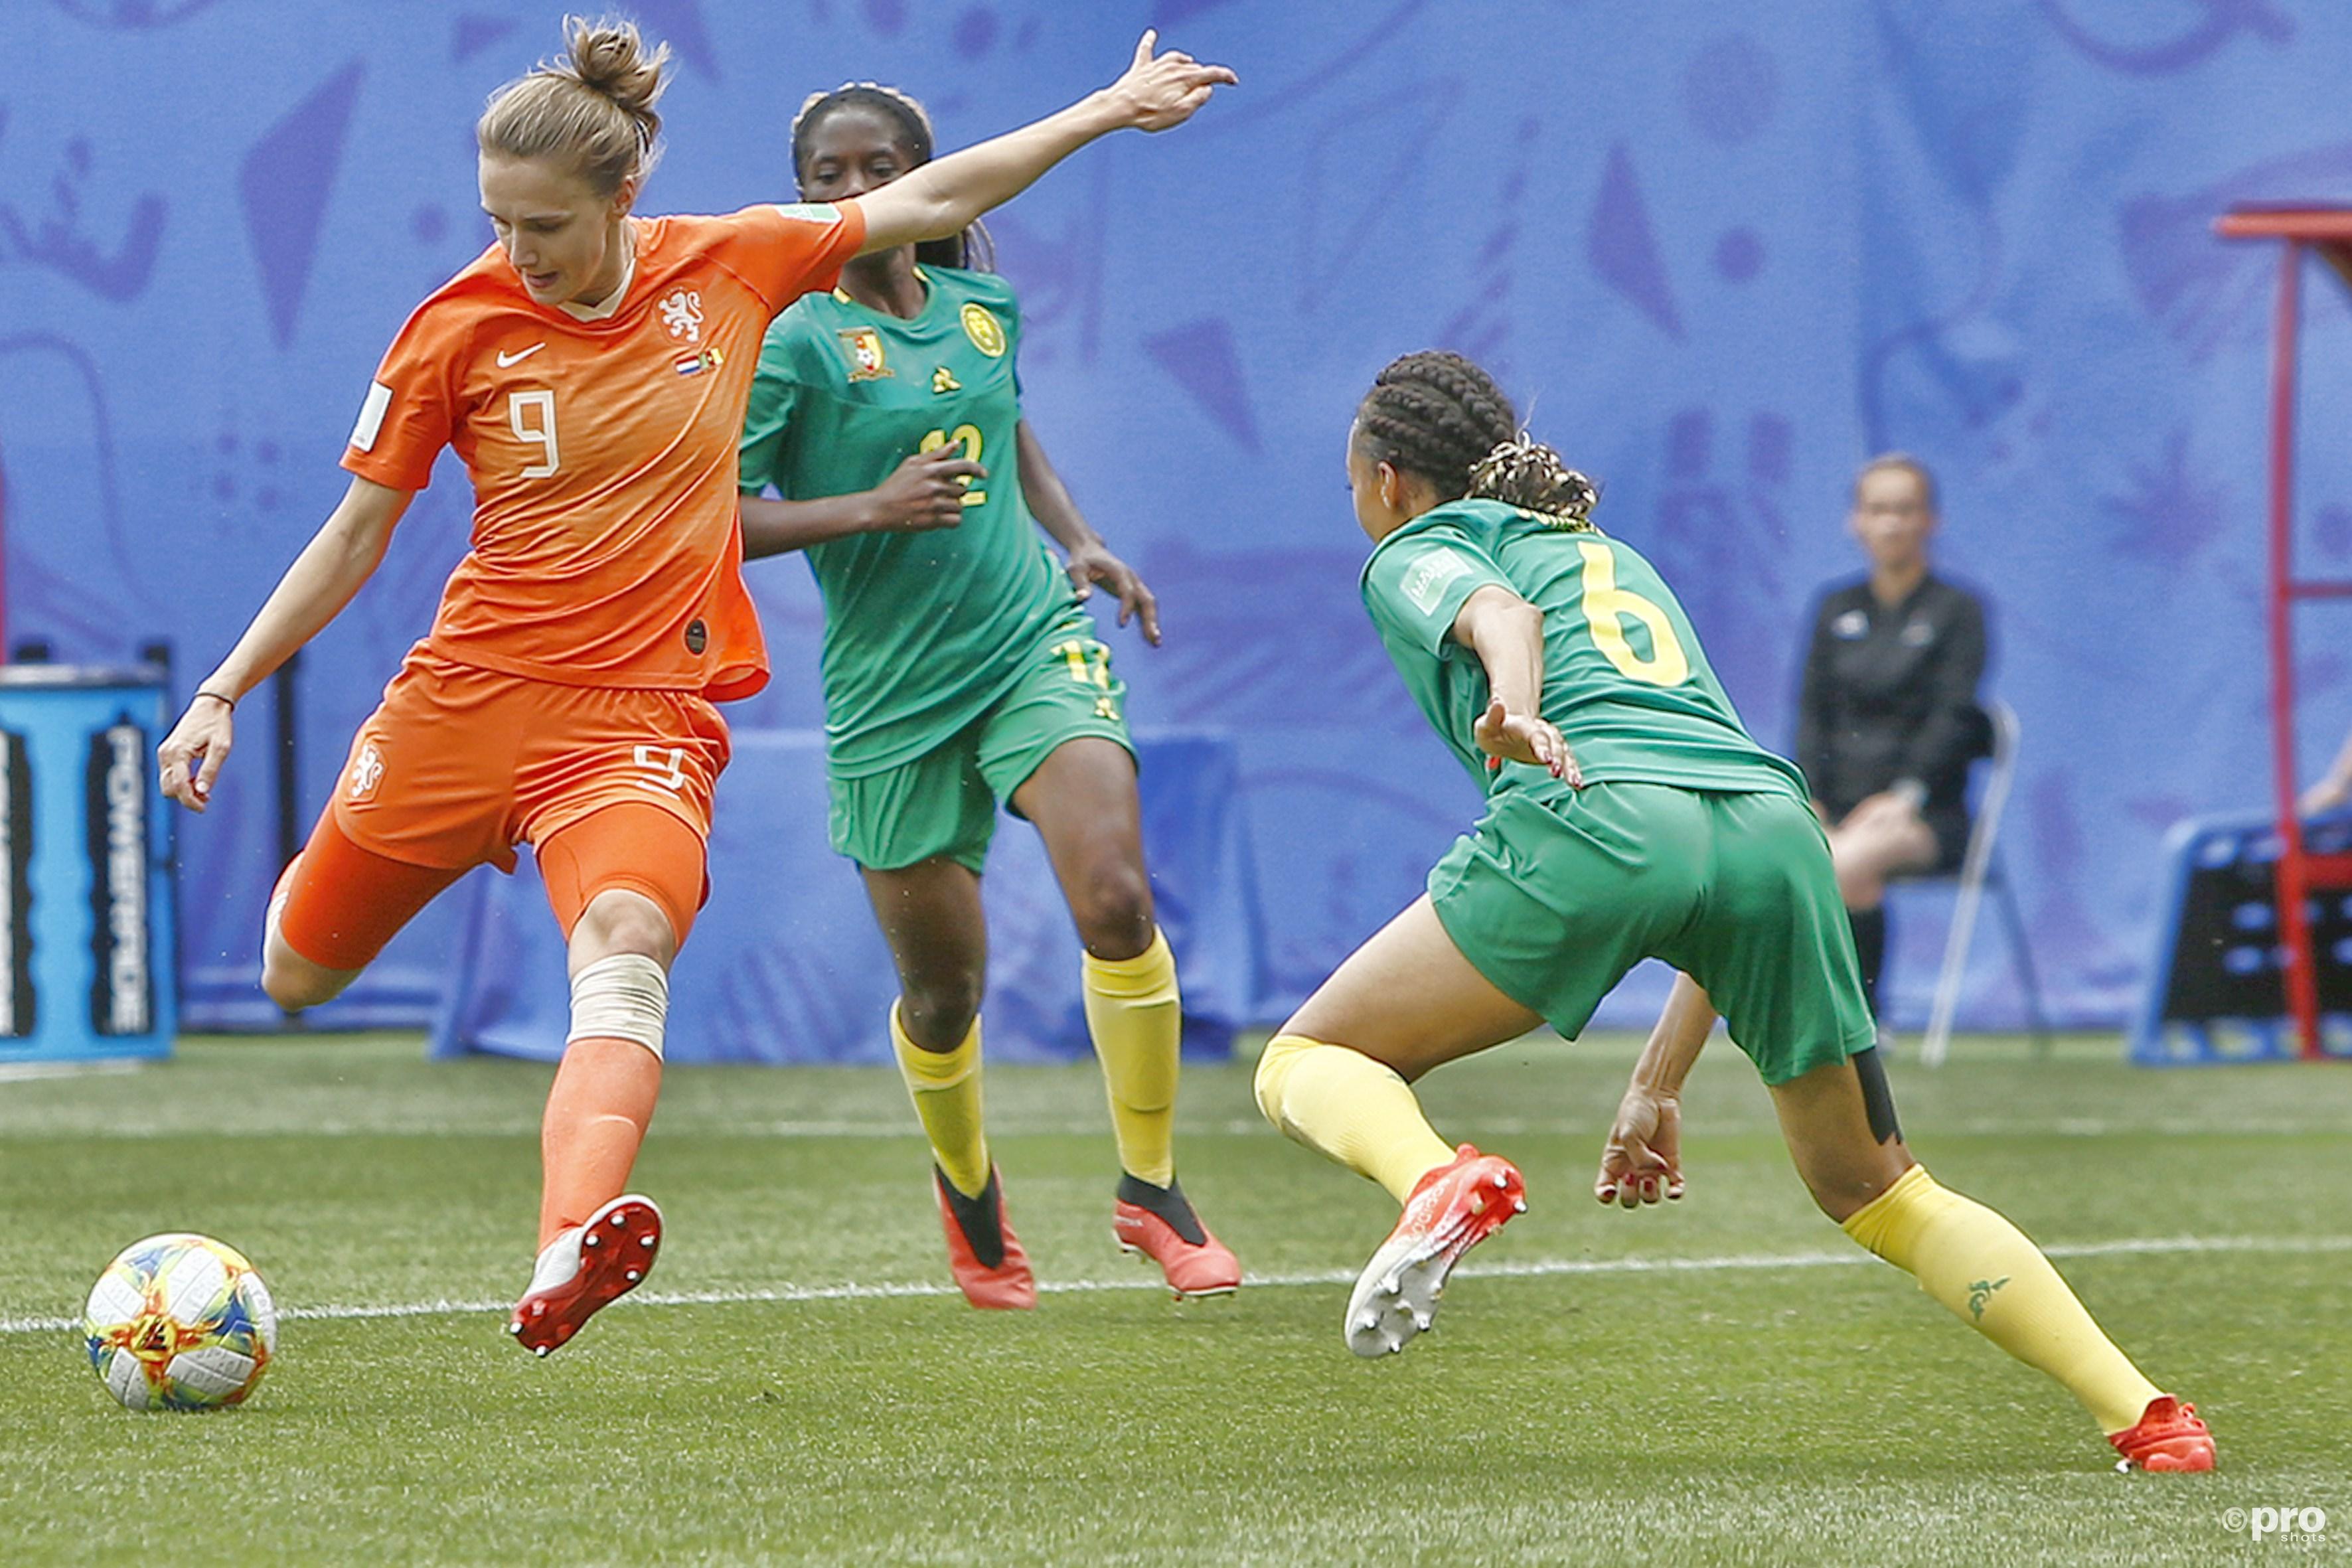 Voetbalsters naar achtste finales dankzij twee doelpunten van Miedema (Pro Shots / Remko Kool)